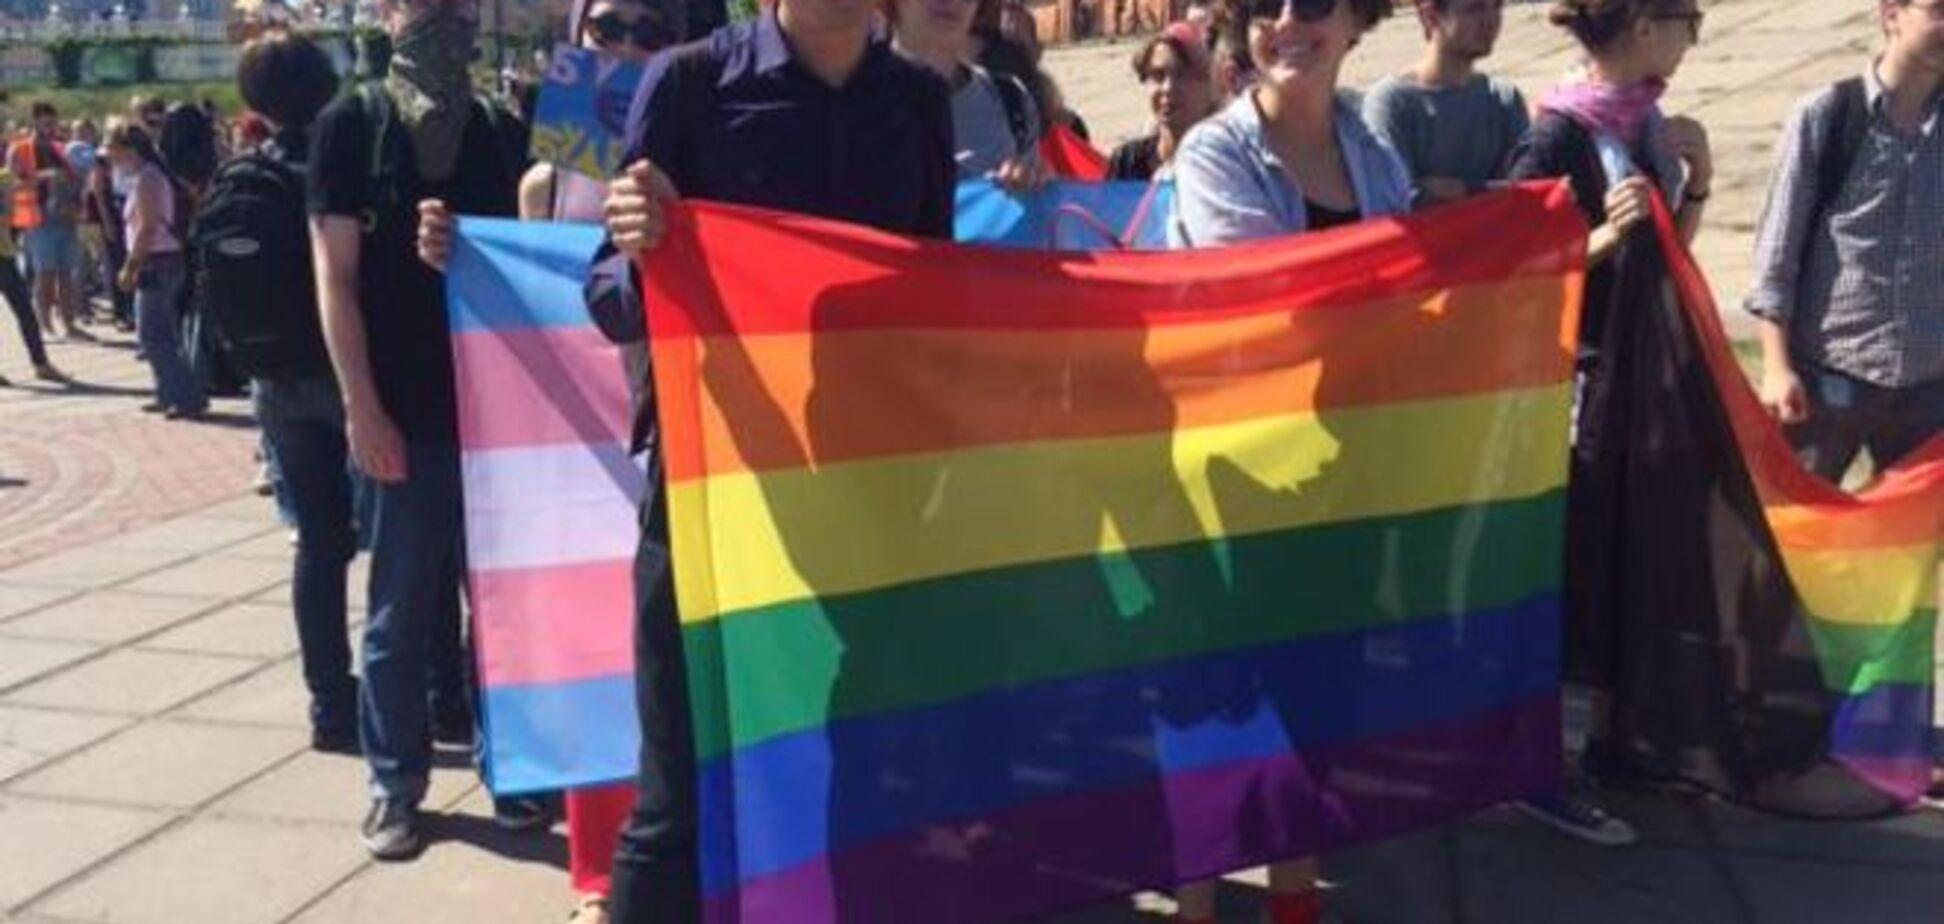 Организаторы гей-прайда объяснили его досрочное завершение